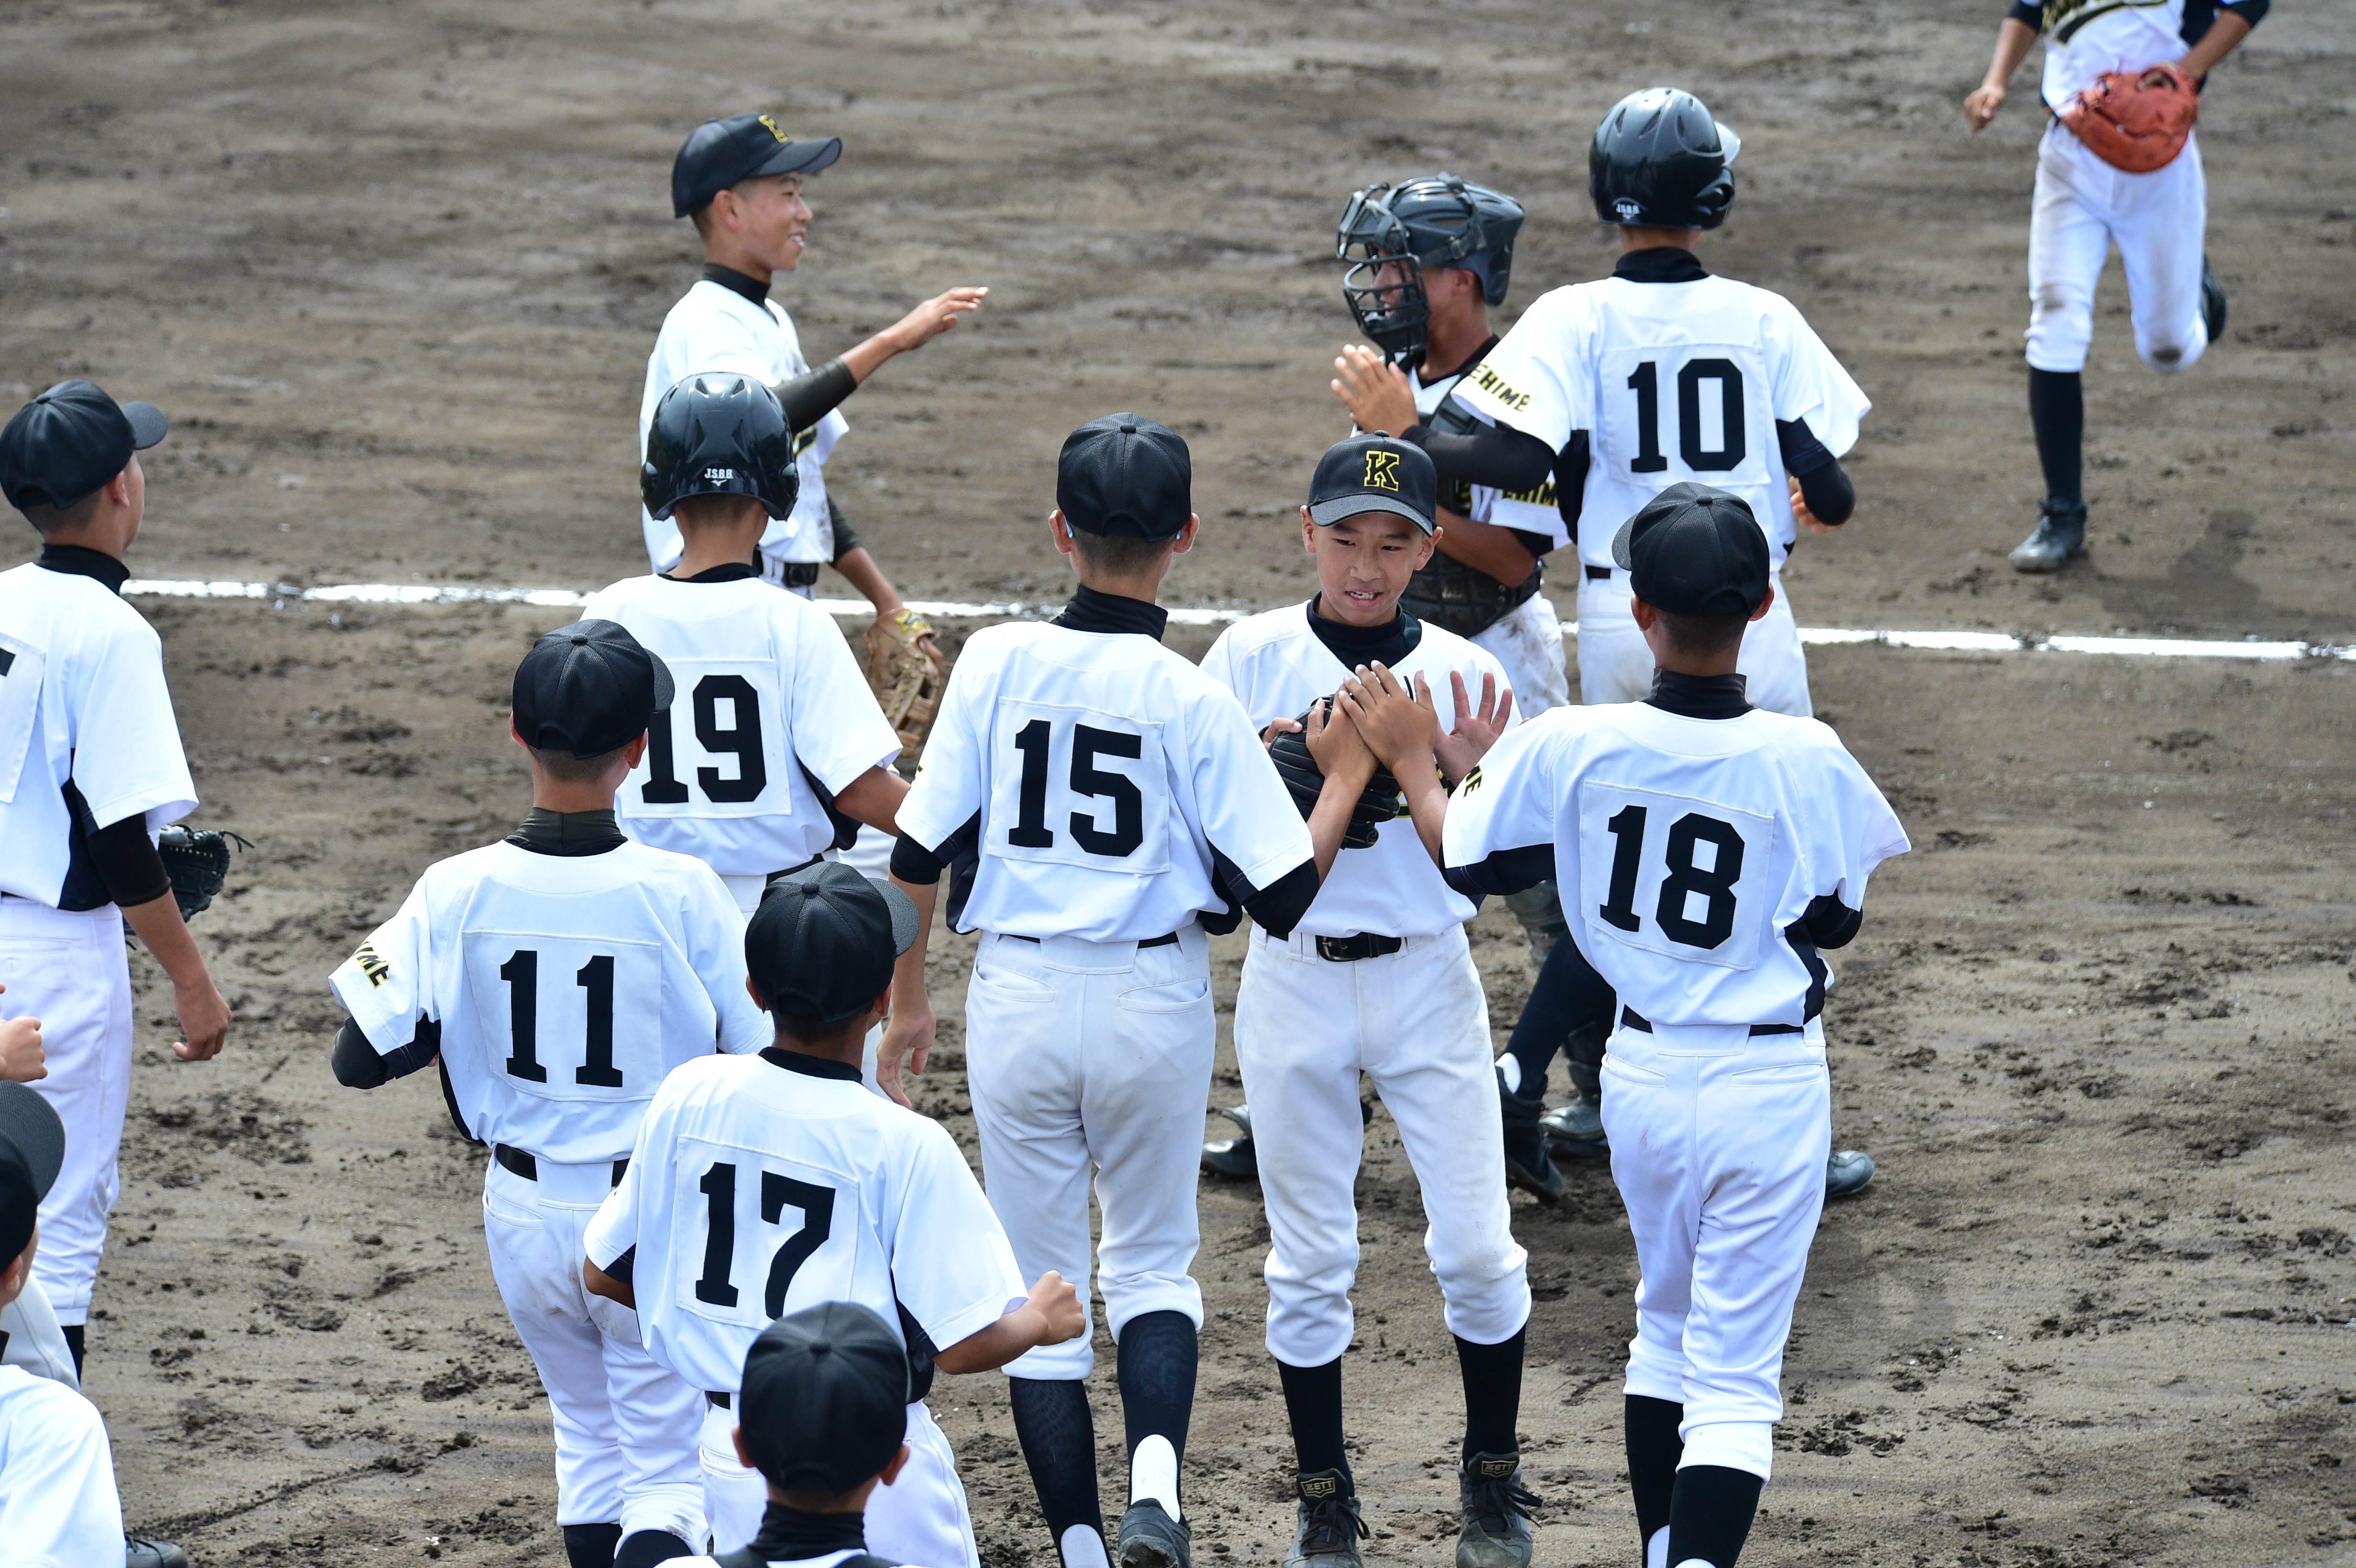 軟式野球 (170)